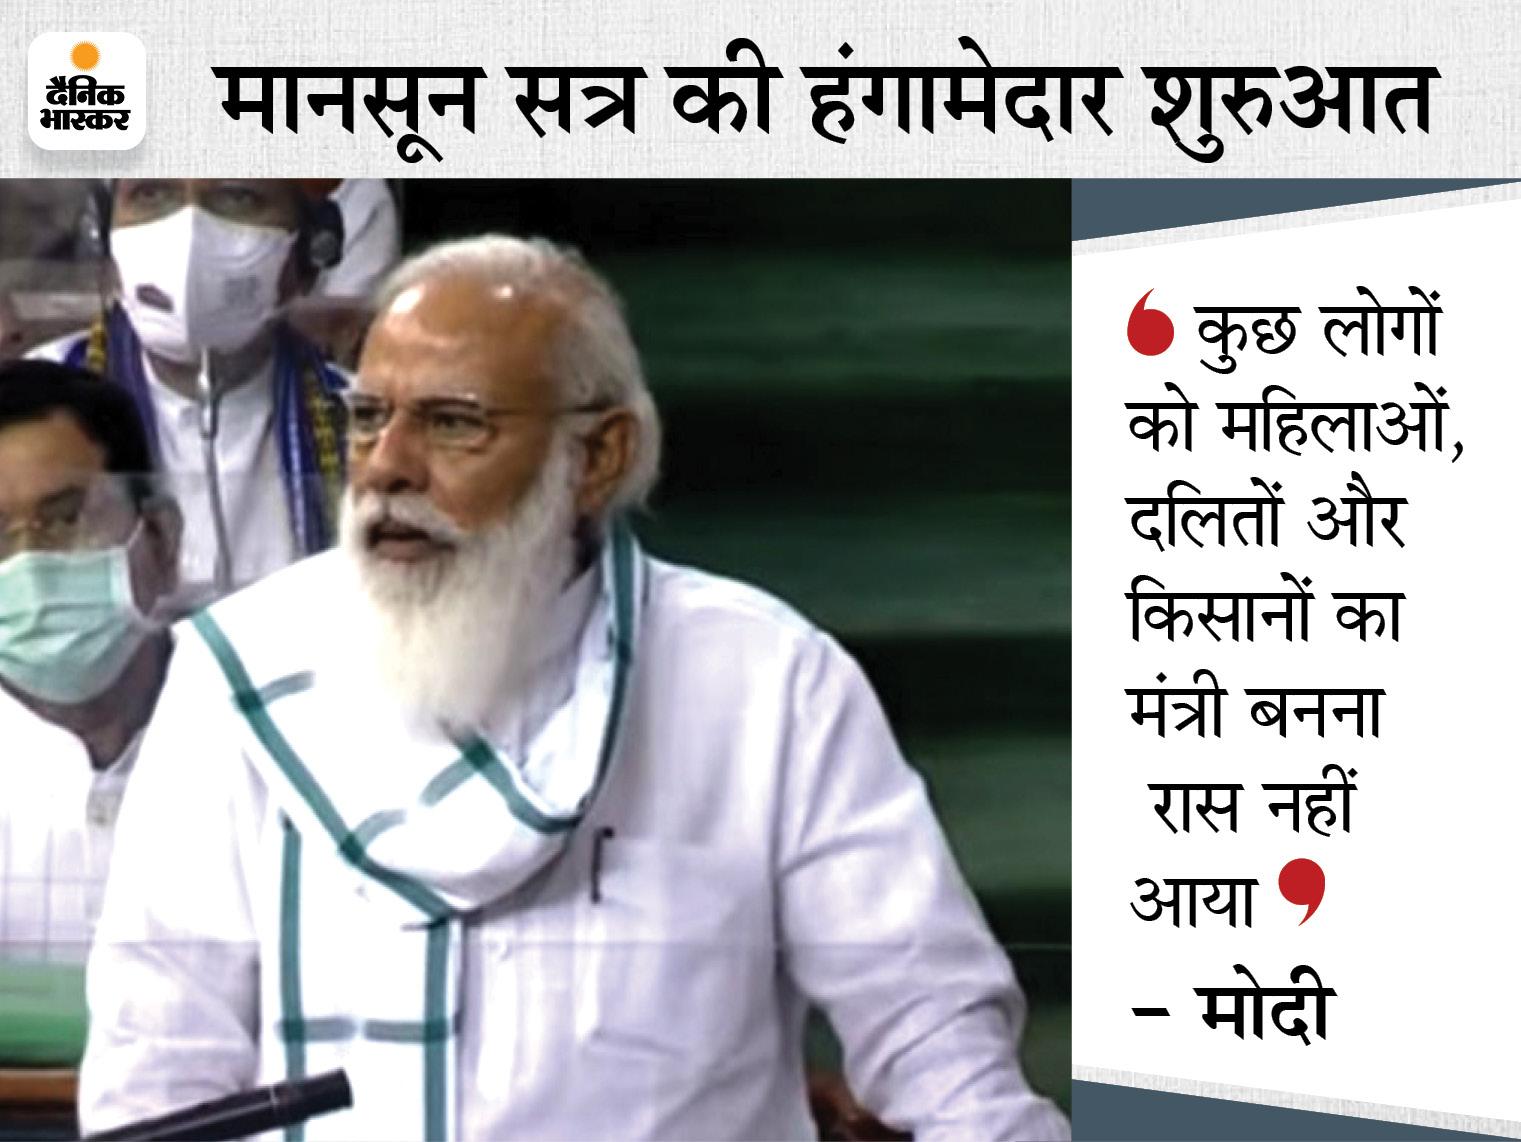 लोकसभा और राज्यसभा में विपक्ष का जोरदार हंगामा, नए मंत्रियों का परिचय भी नहीं दे सके प्रधानमंत्री मोदी; दोनों सदन कल तक के लिए स्थगित देश,National - Dainik Bhaskar